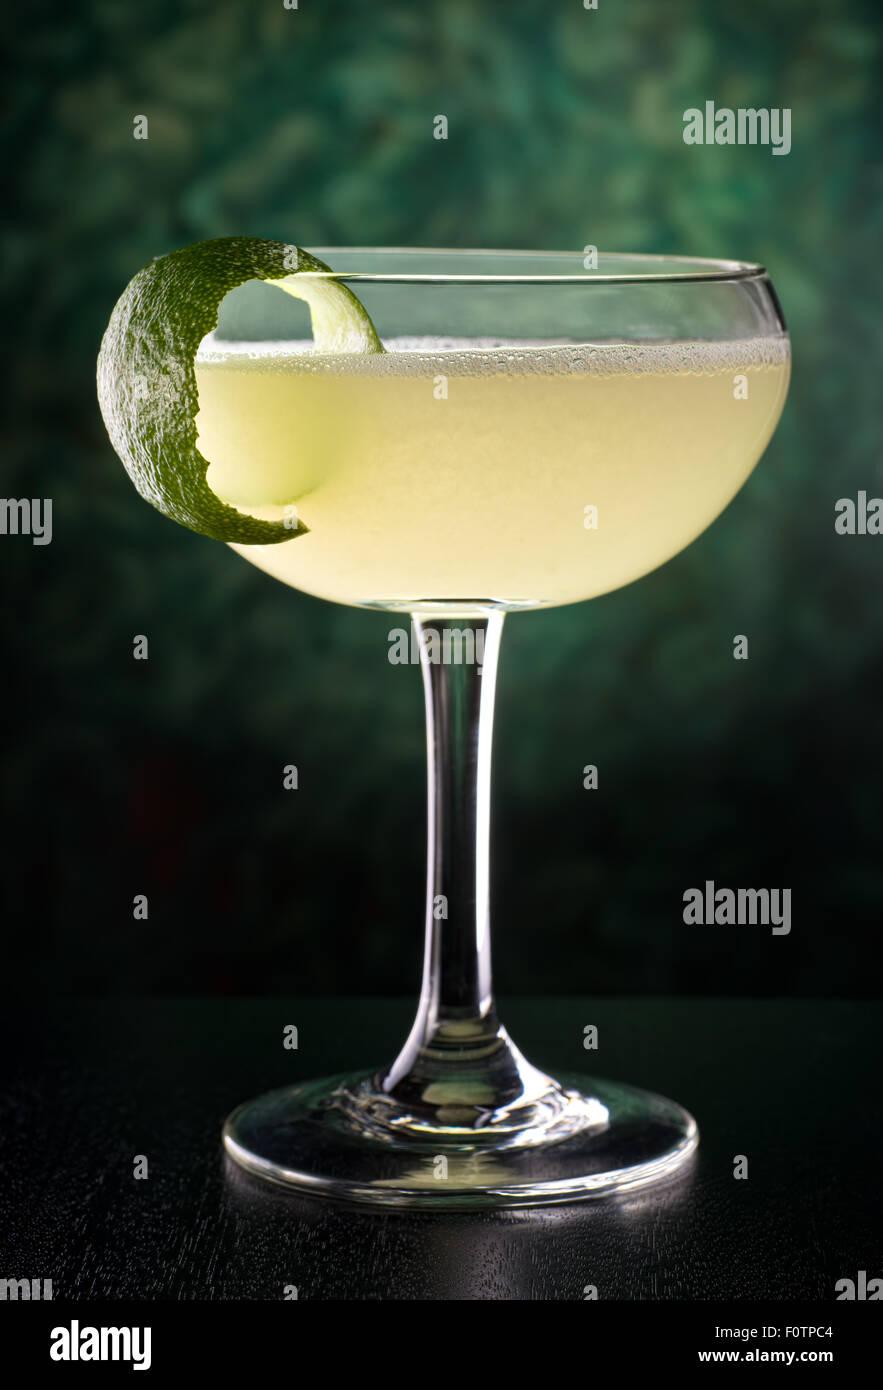 Einen köstlichen klassischen Stil Daiquiri mit Rum, Zitronensaft und Zucker. Stockbild